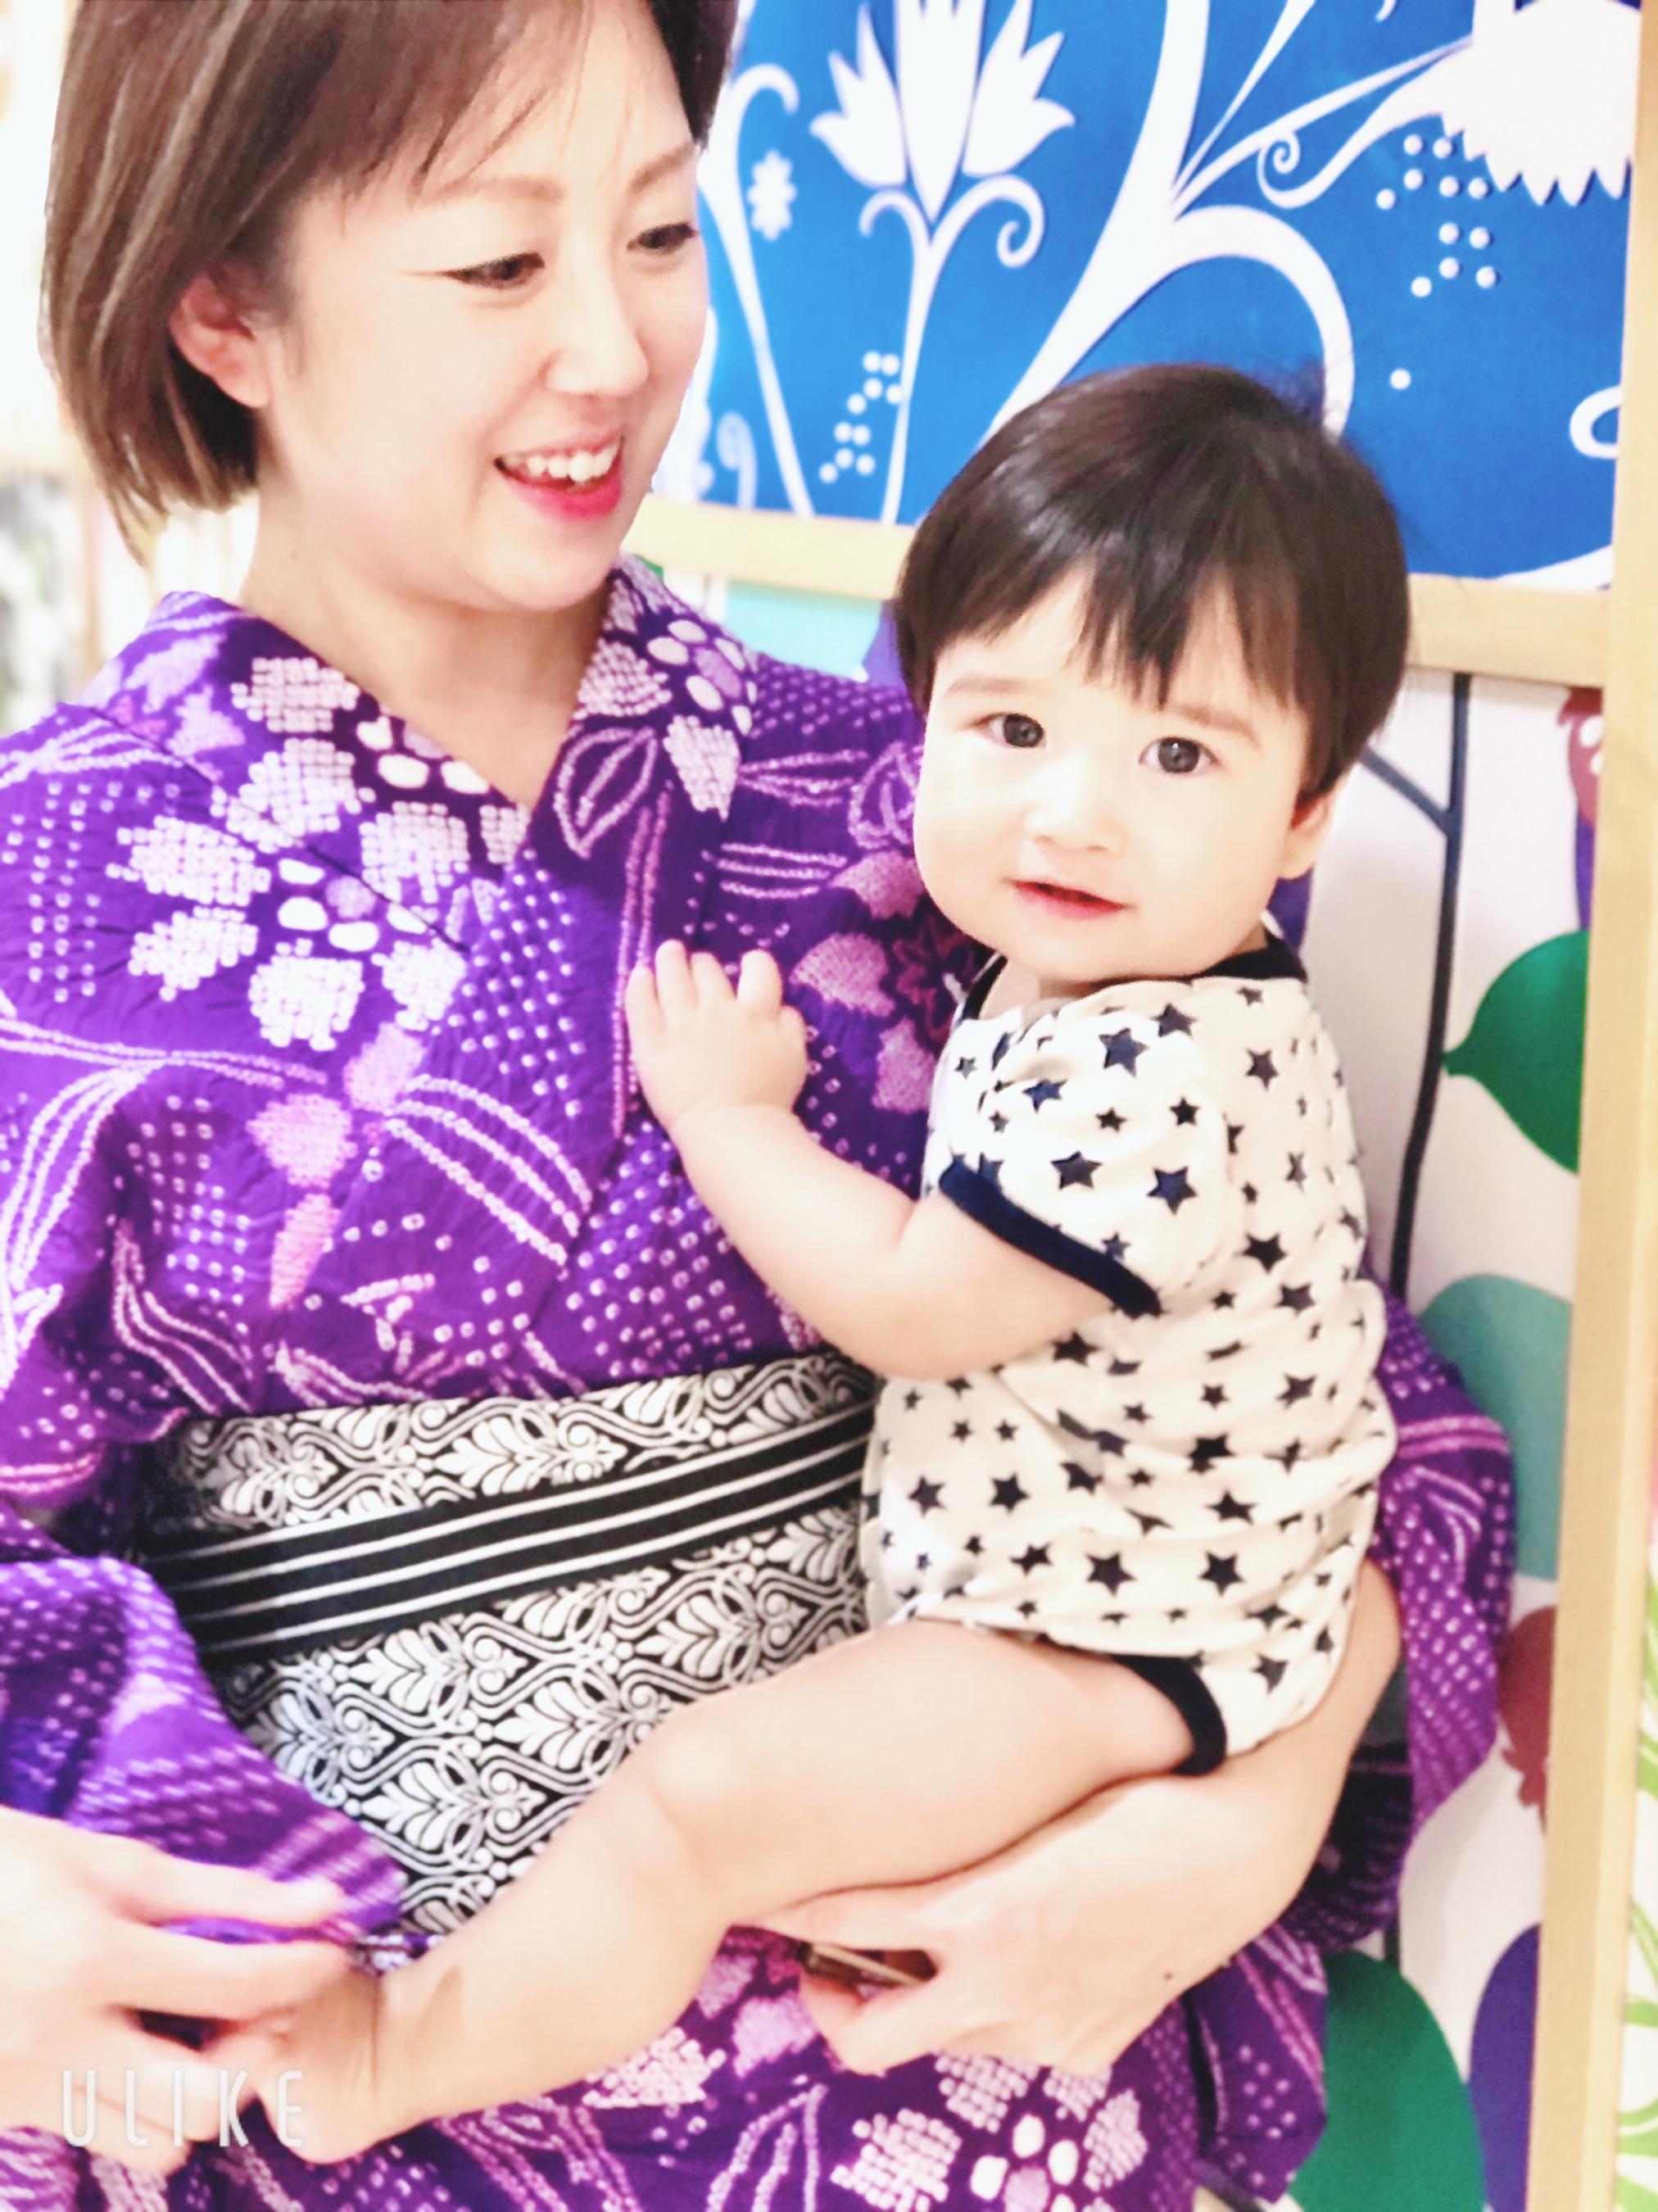 着物と赤ちゃん 相模原市 多摩地区 着付け教室